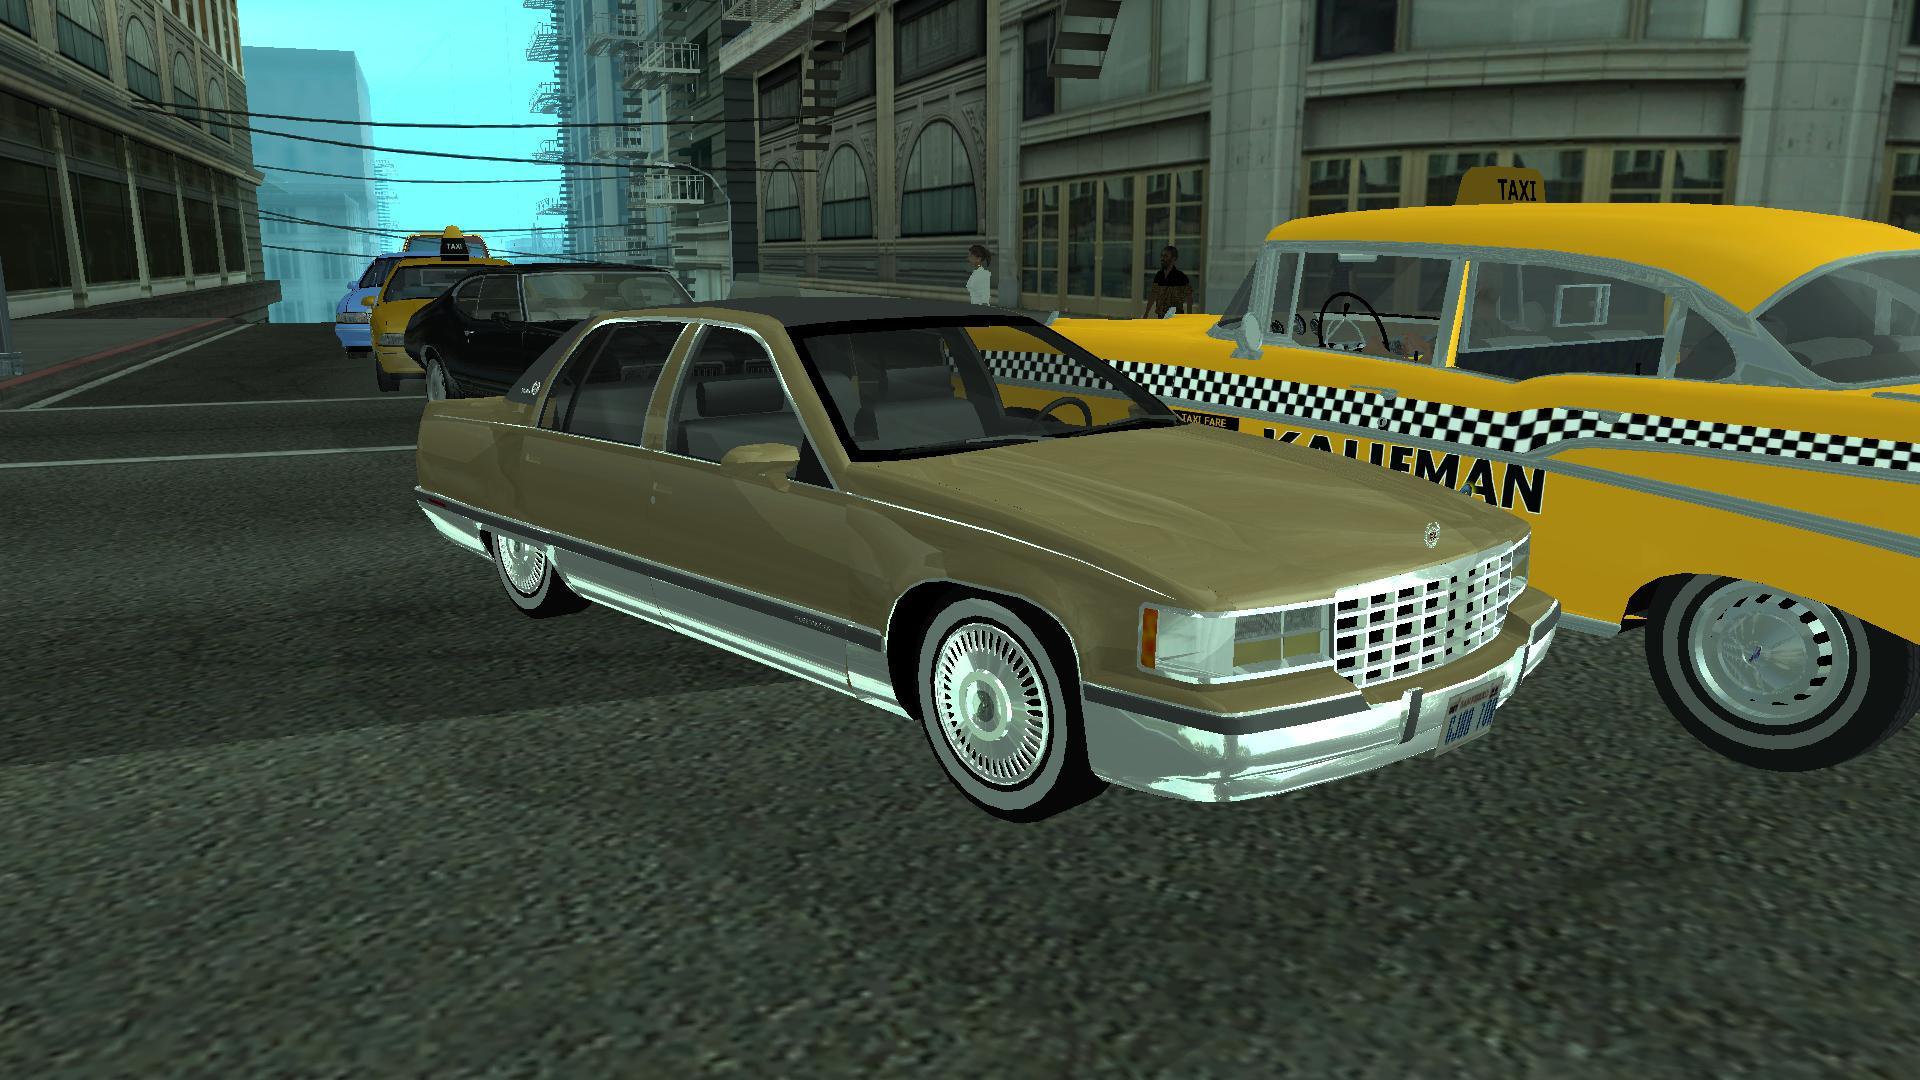 Gta San Andreas All New Cars Mod